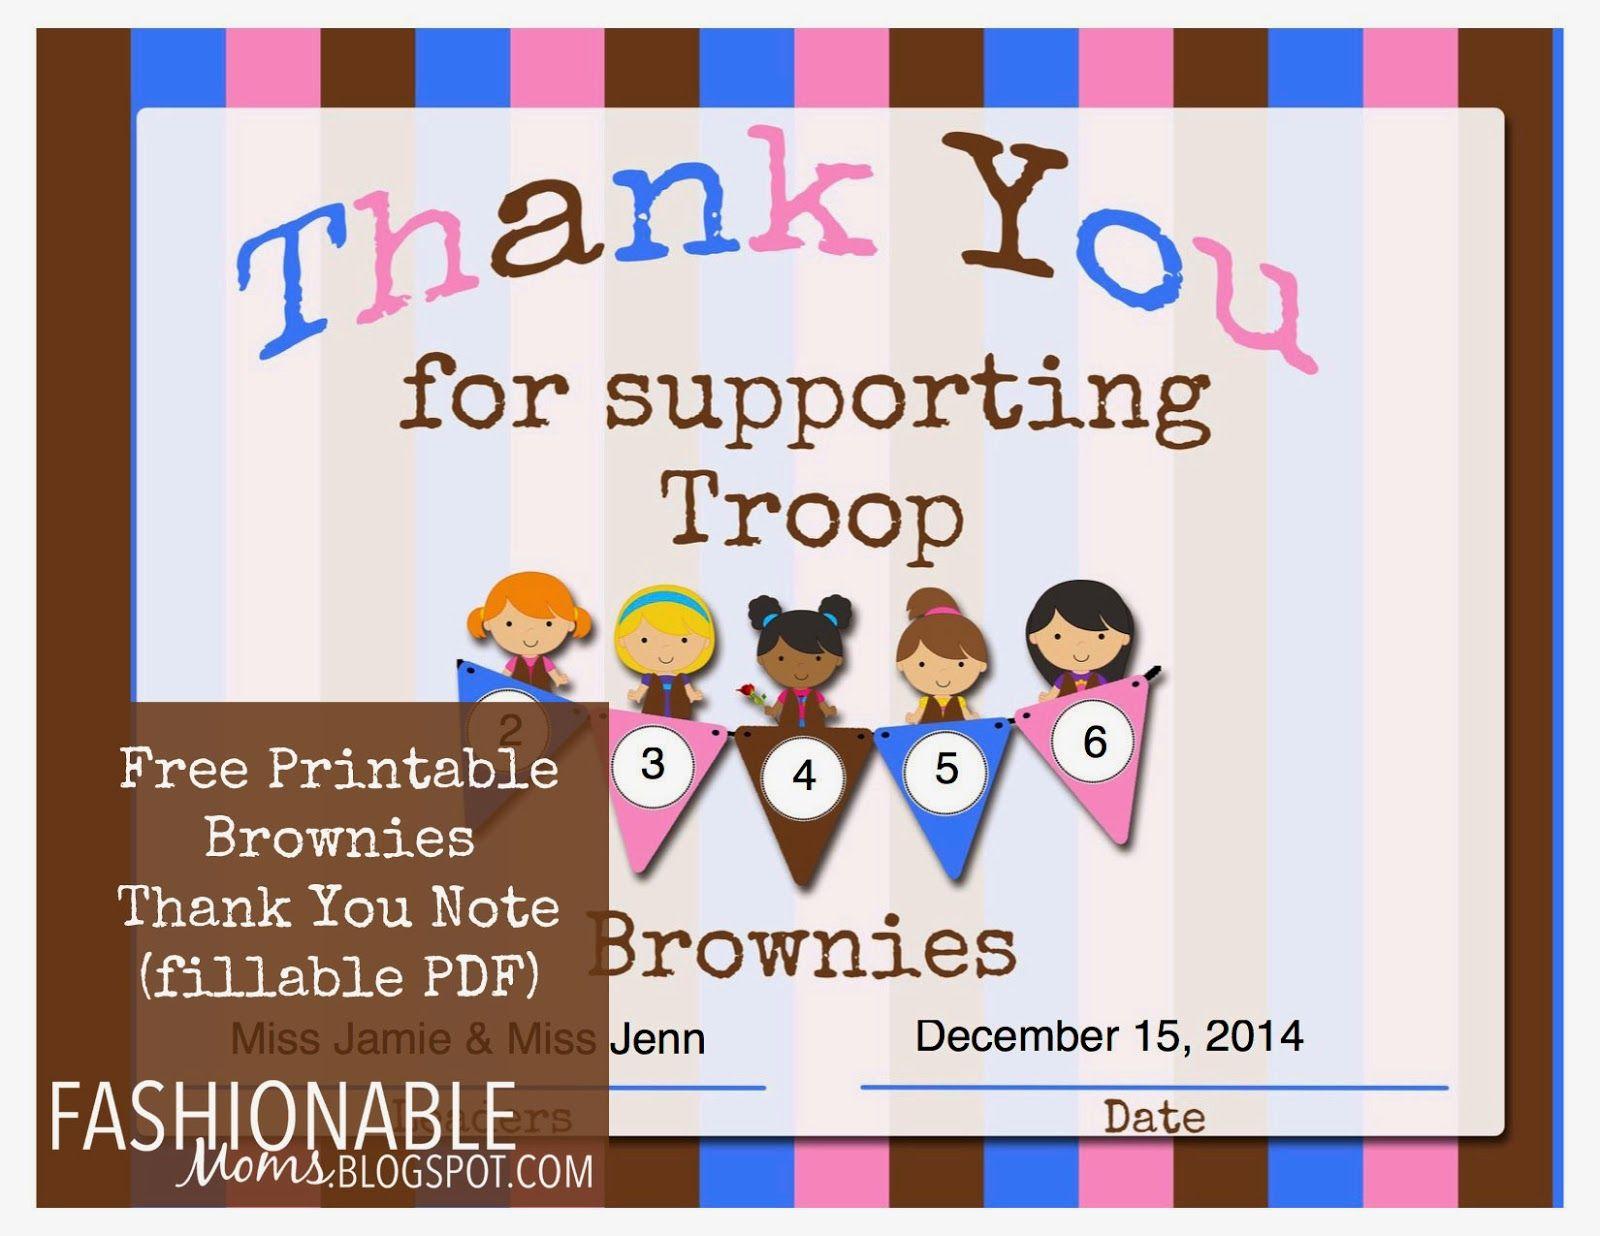 Fashionable Moms Free Printable Brownies Thank You